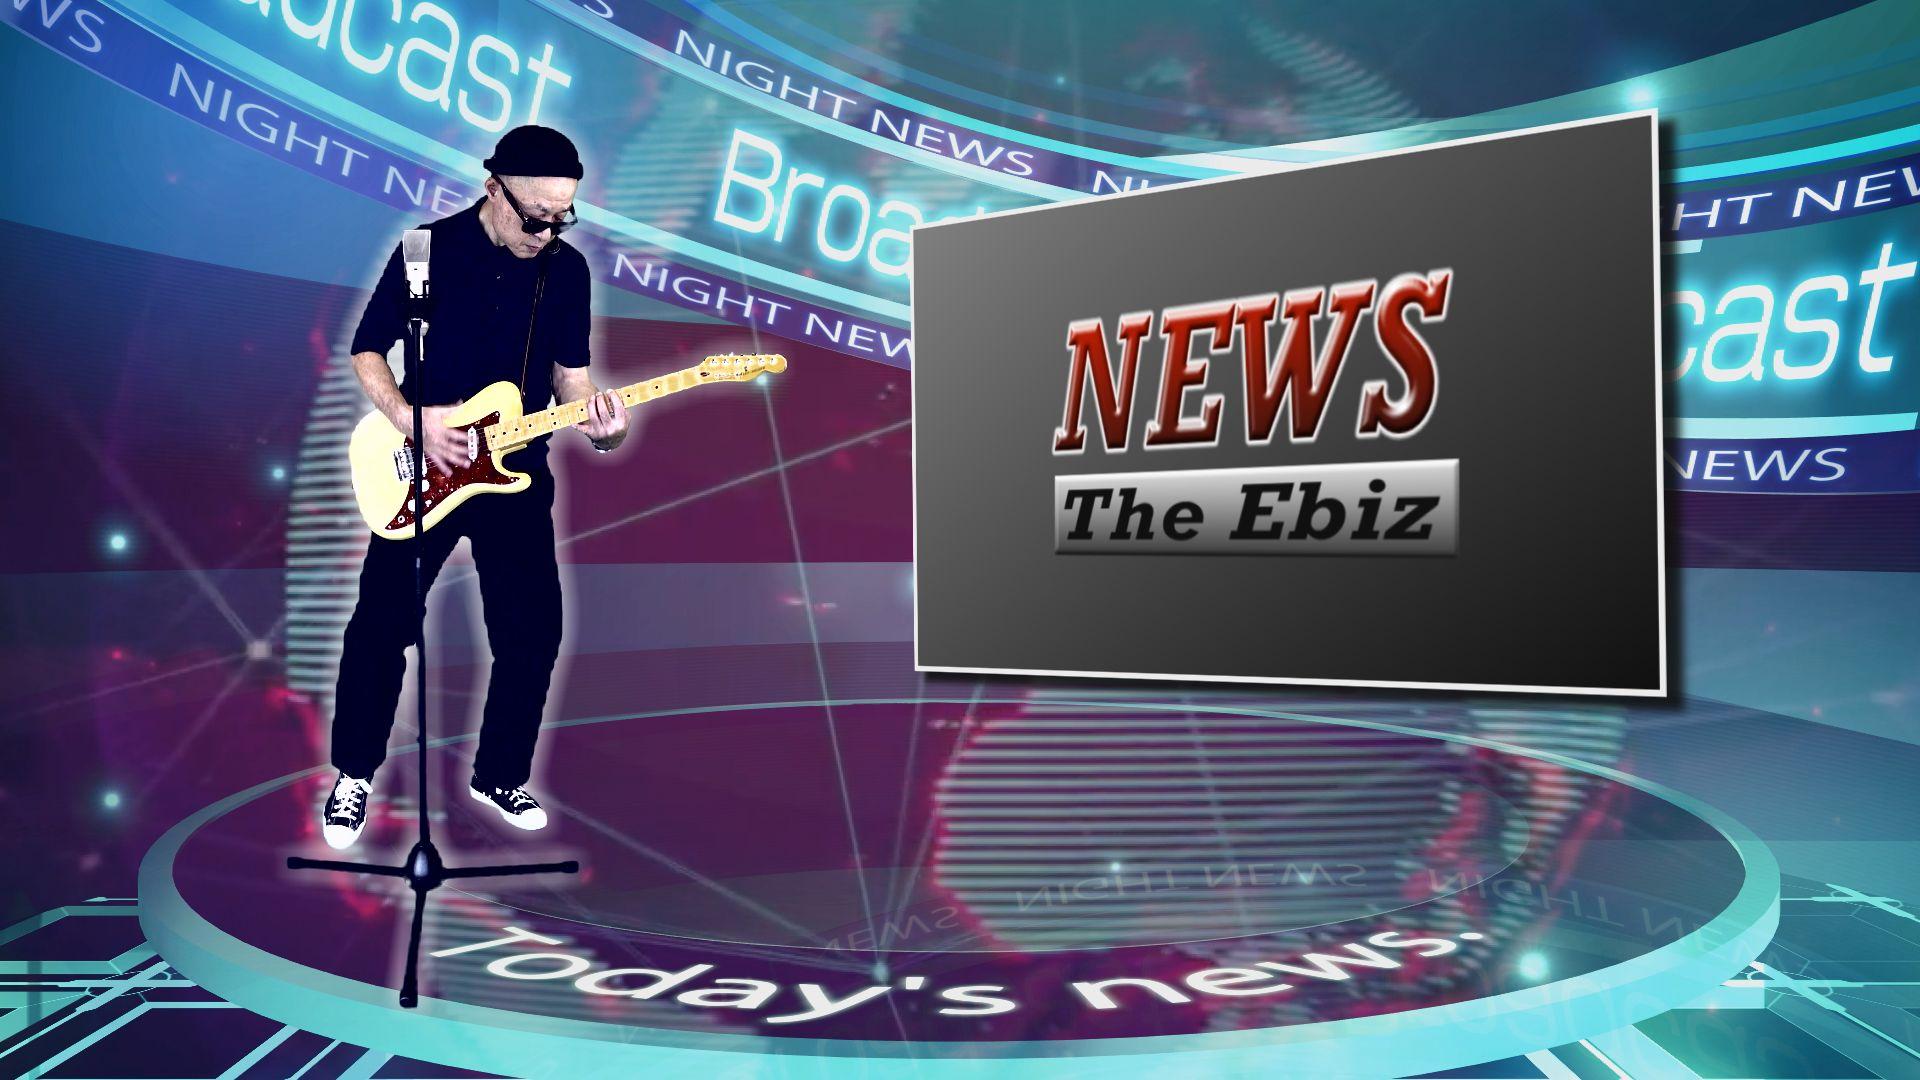 ジ・エビス 『ニュース』 THE EBIZ 『NEWS』「MyRØDEReel2020」